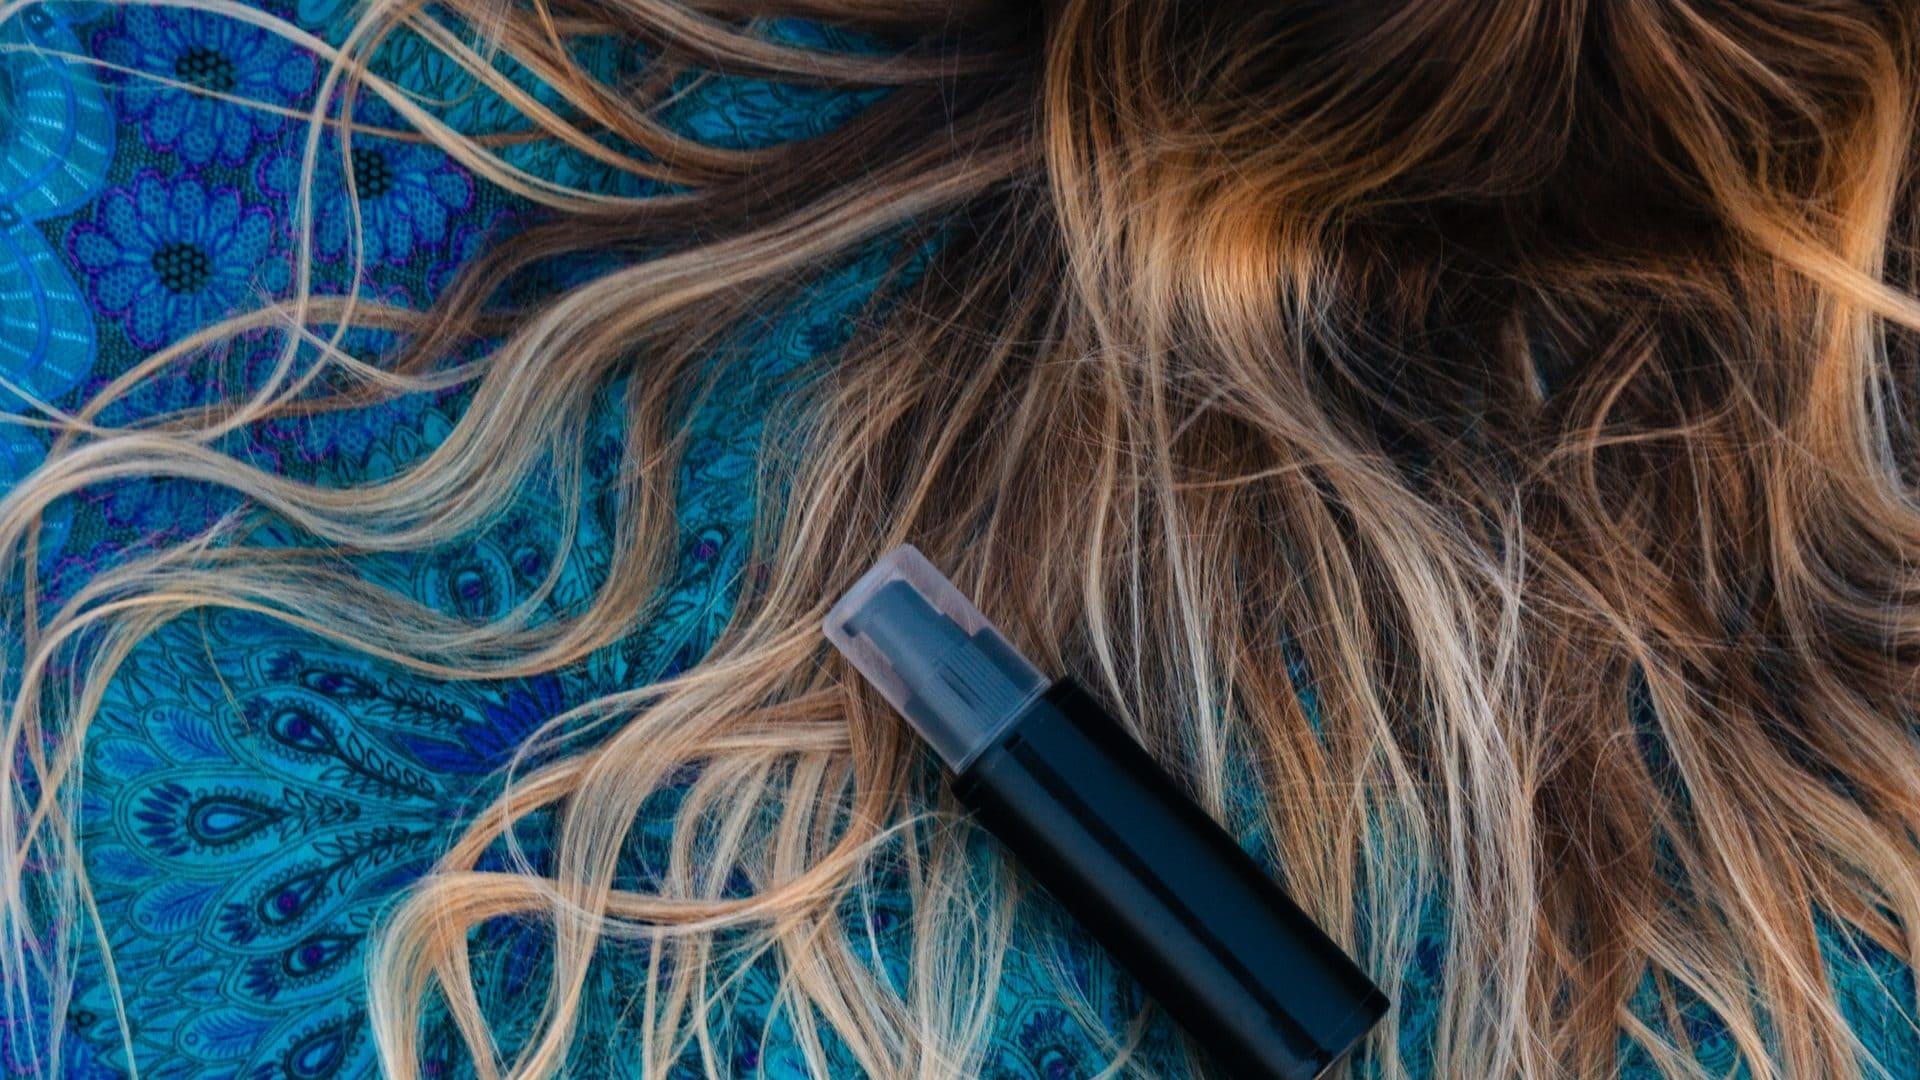 Haar op blauwe achtergrond met zwart flesje